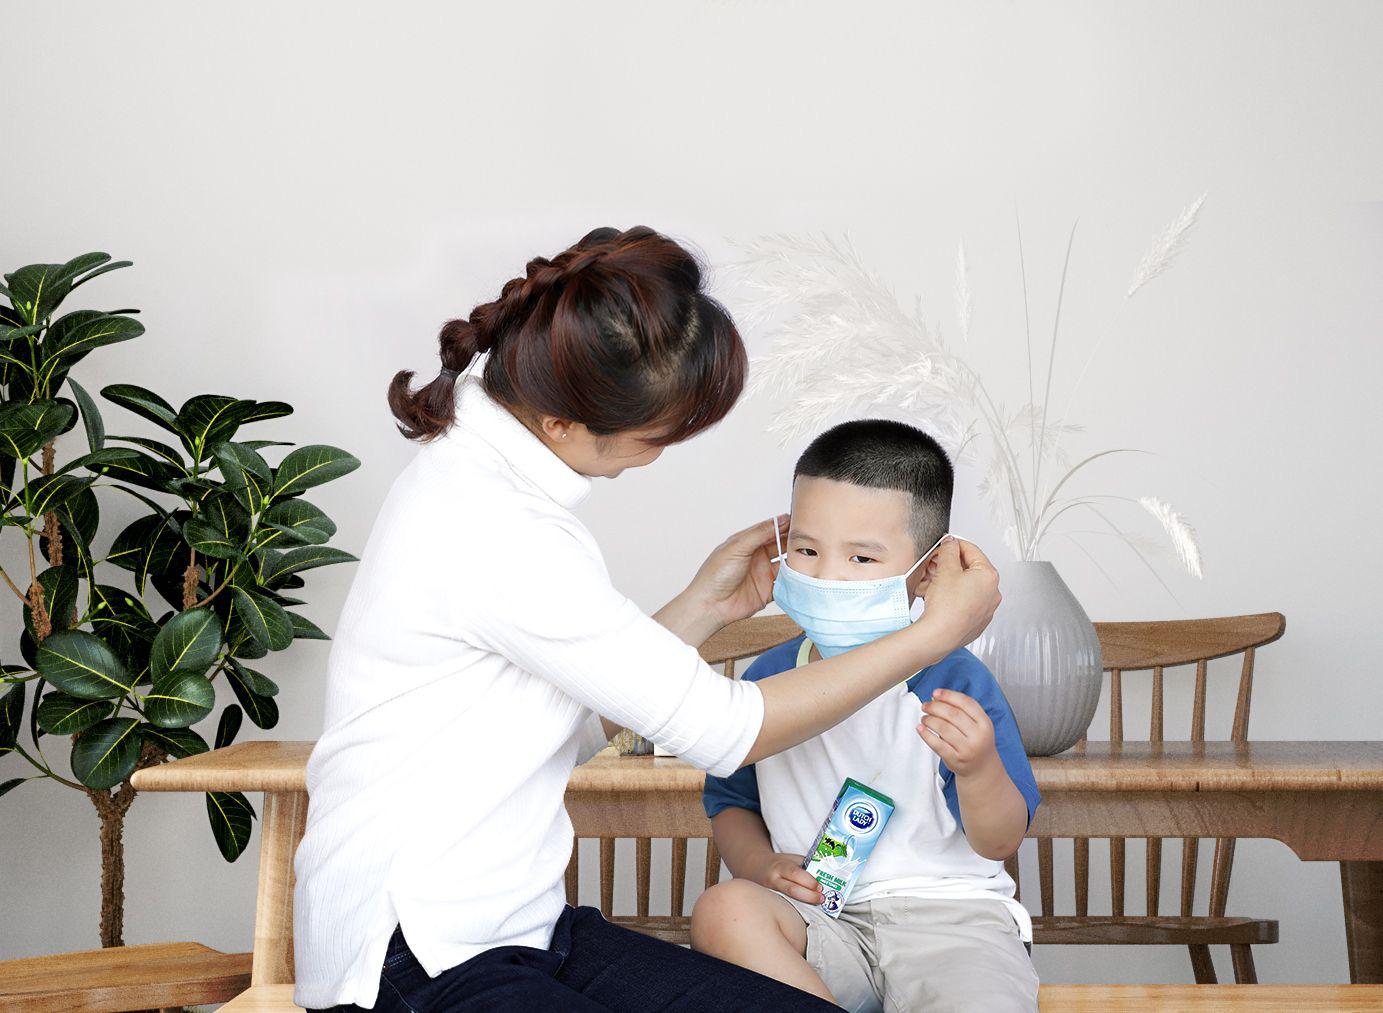 """Có muôn cách giúp tăng cường sức khoẻ cho trẻ mùa dịch, mẹ đừng bỏ qua """"vũ khí"""" thứ 3 này - Ảnh 1."""